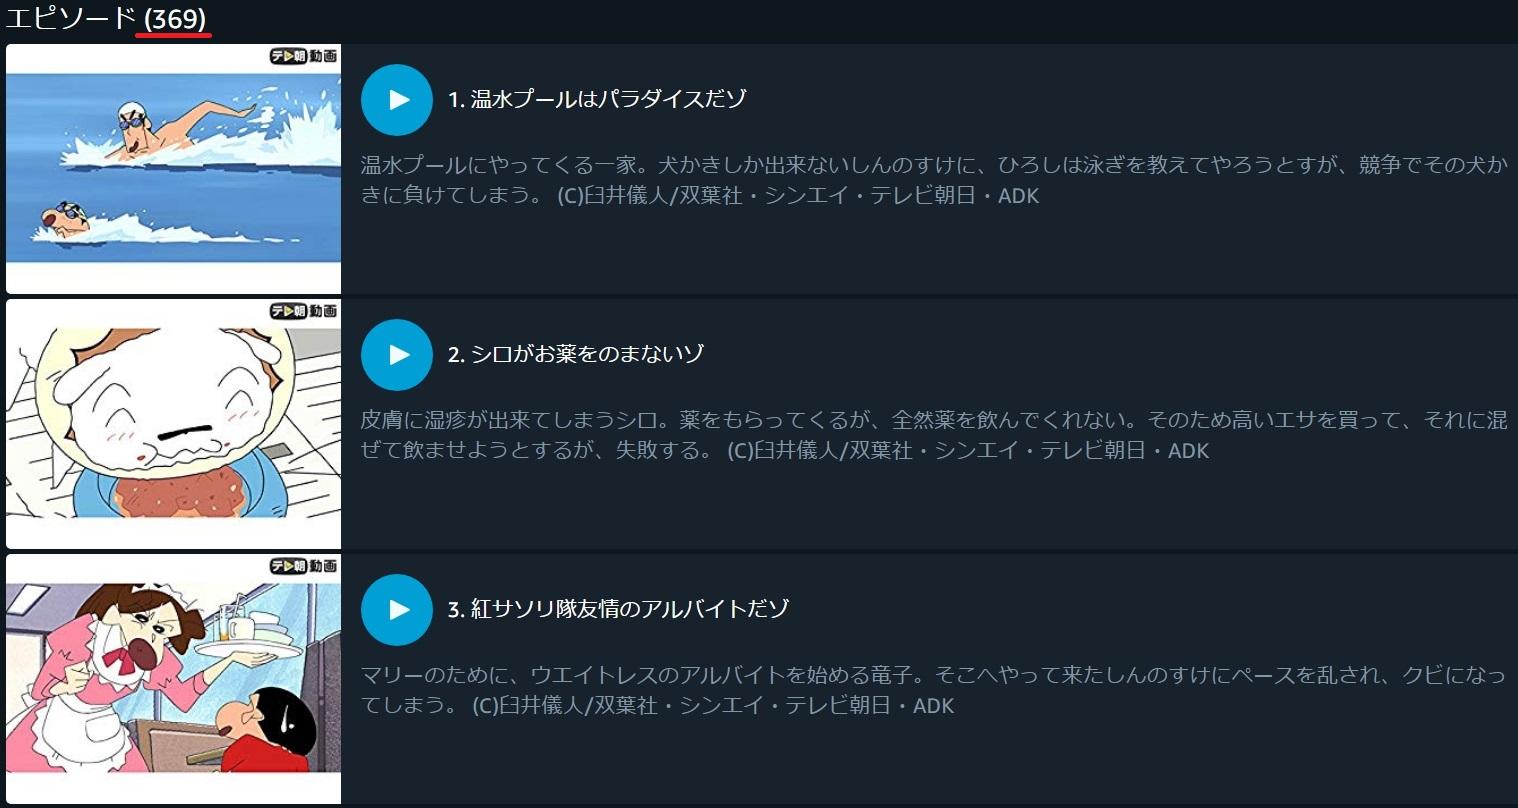 しんちゃんアニメ Primevideo